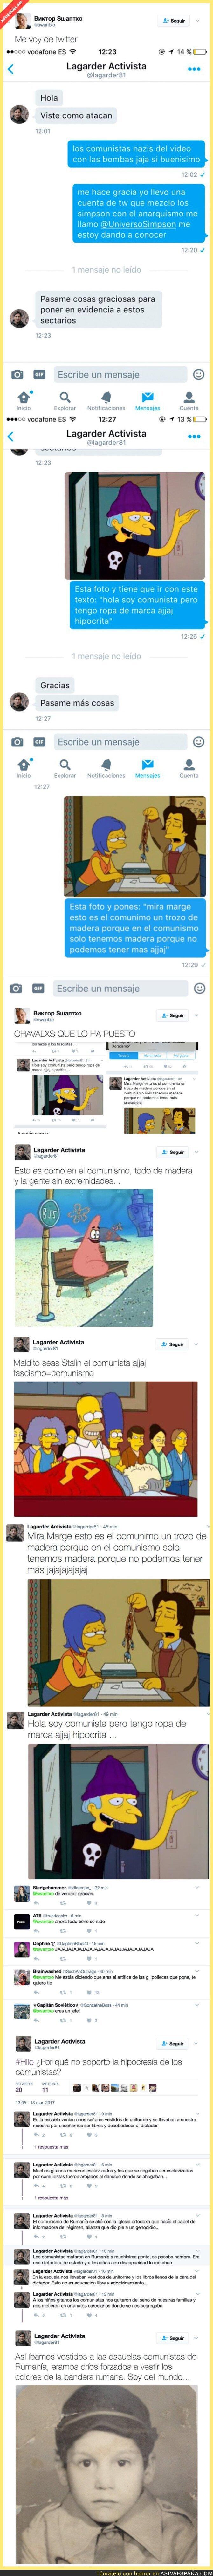 64433 - Lagarder, el famoso activista rumano, empieza su lucha contra el comunismo con memes de Los Simpson